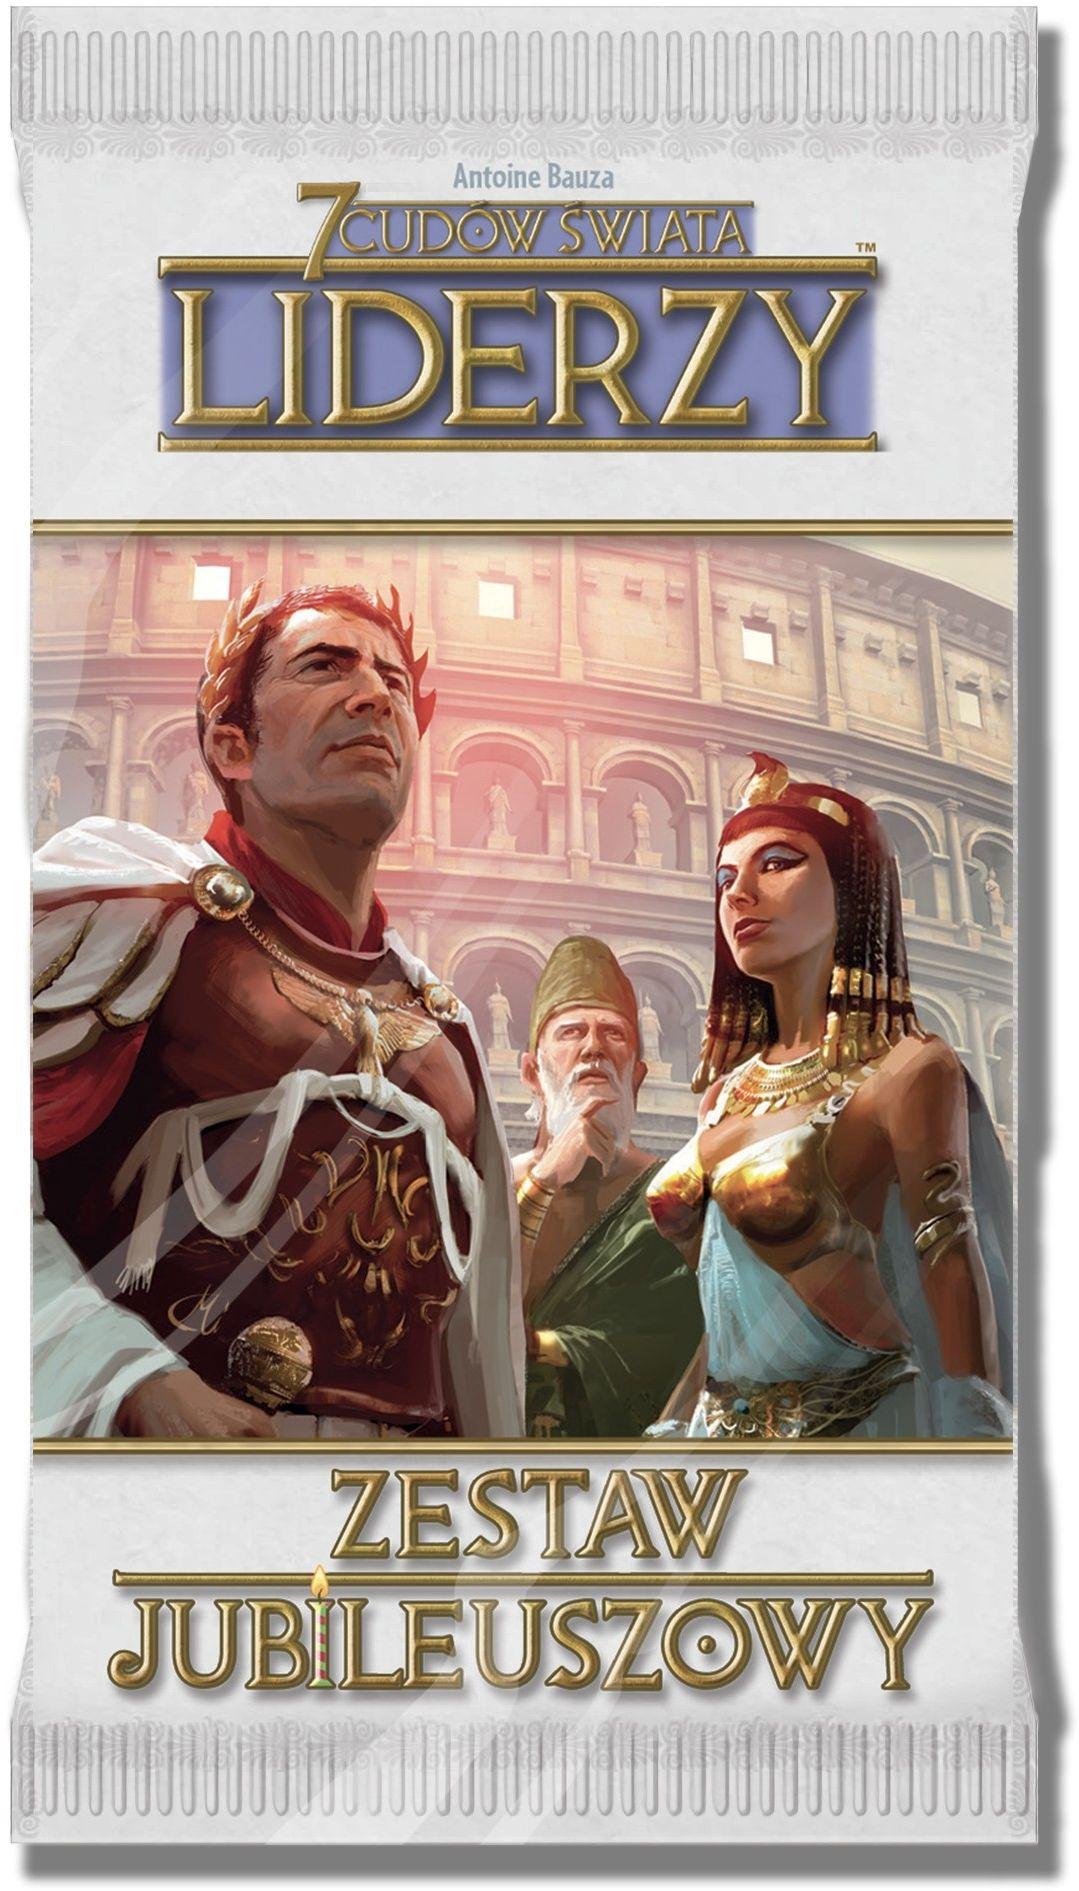 Rebel Gra 7 Cudów Świata: Zestaw jubileuszowy - Liderzy 5_672154